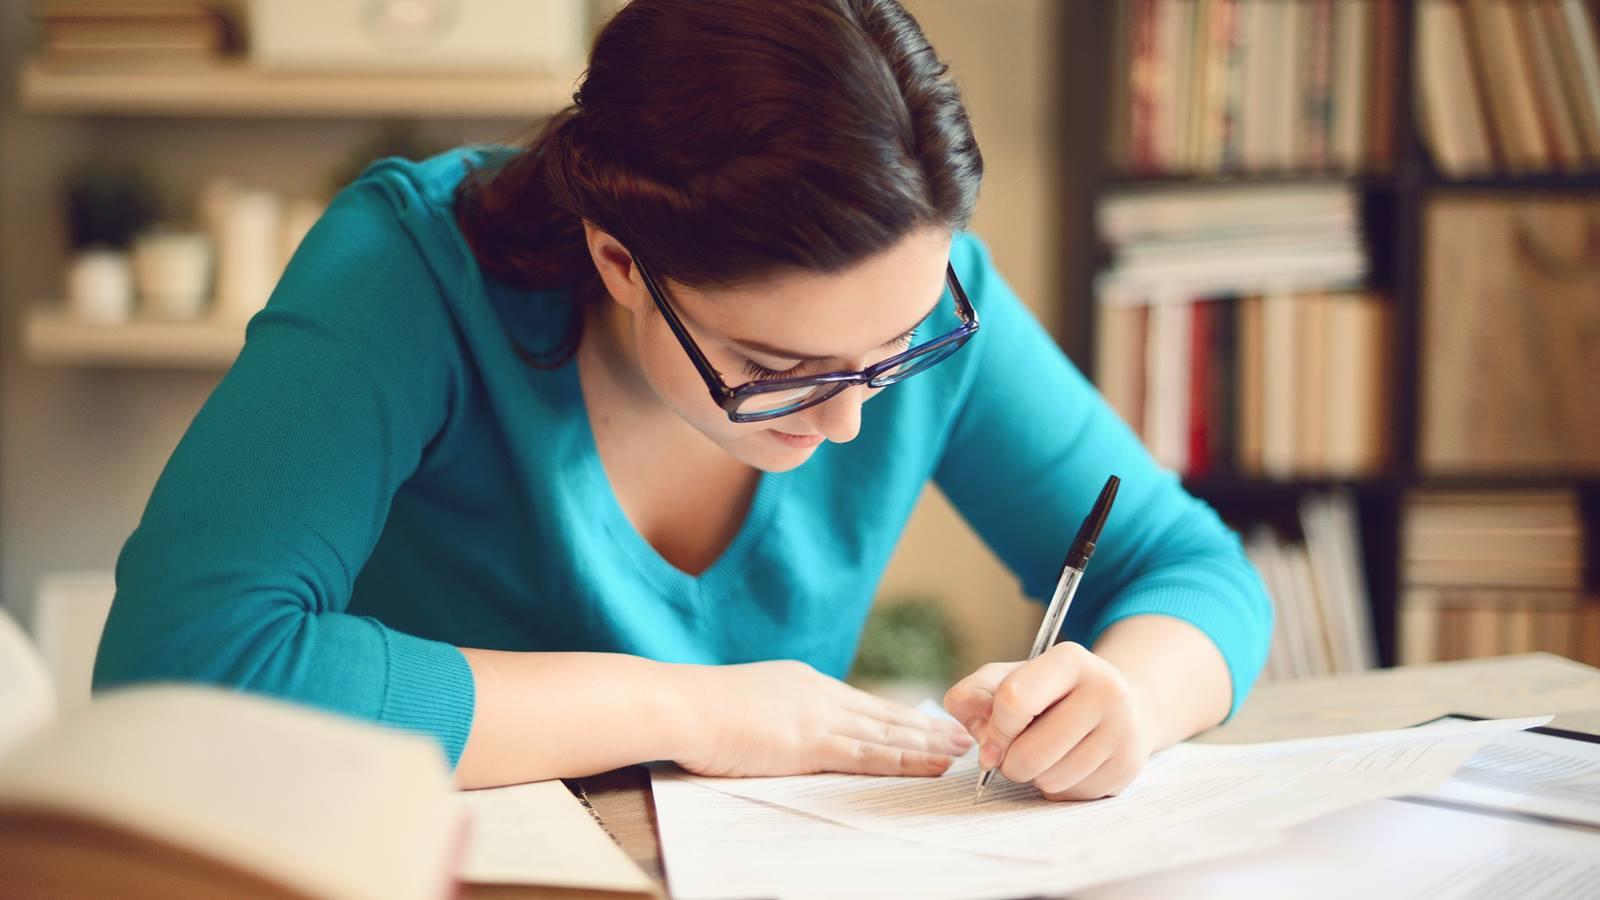 Với IELTS Buddy, việc học IELTS, đặc biệt là IELTS Writing sẽ trở nên đơn giản và dễ dàng hơn.